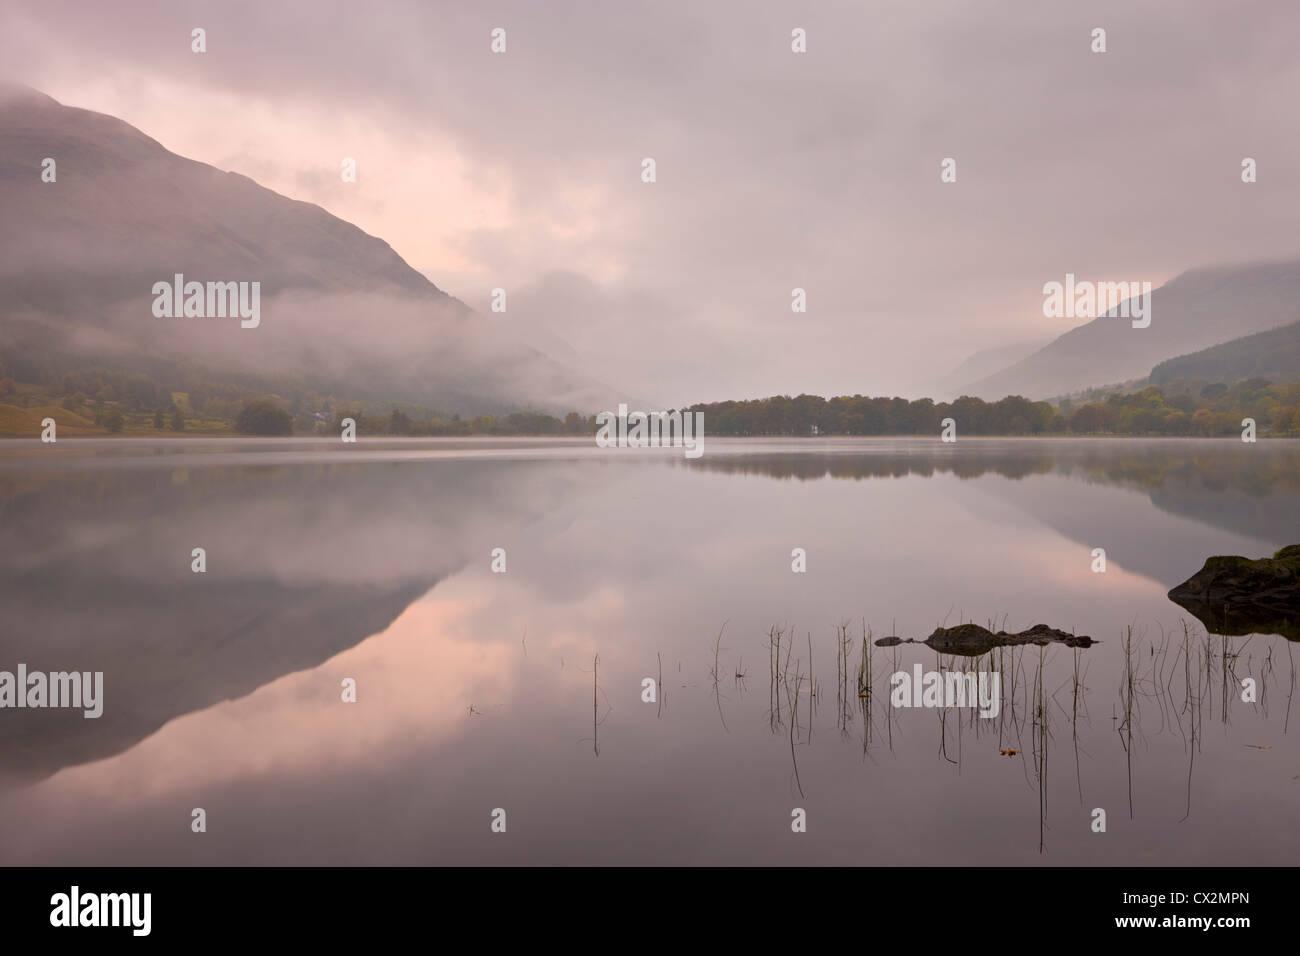 Nebel über Loch Voil im Morgengrauen, The Trossachs, Schottland. Herbst (Oktober) 2010. Stockbild